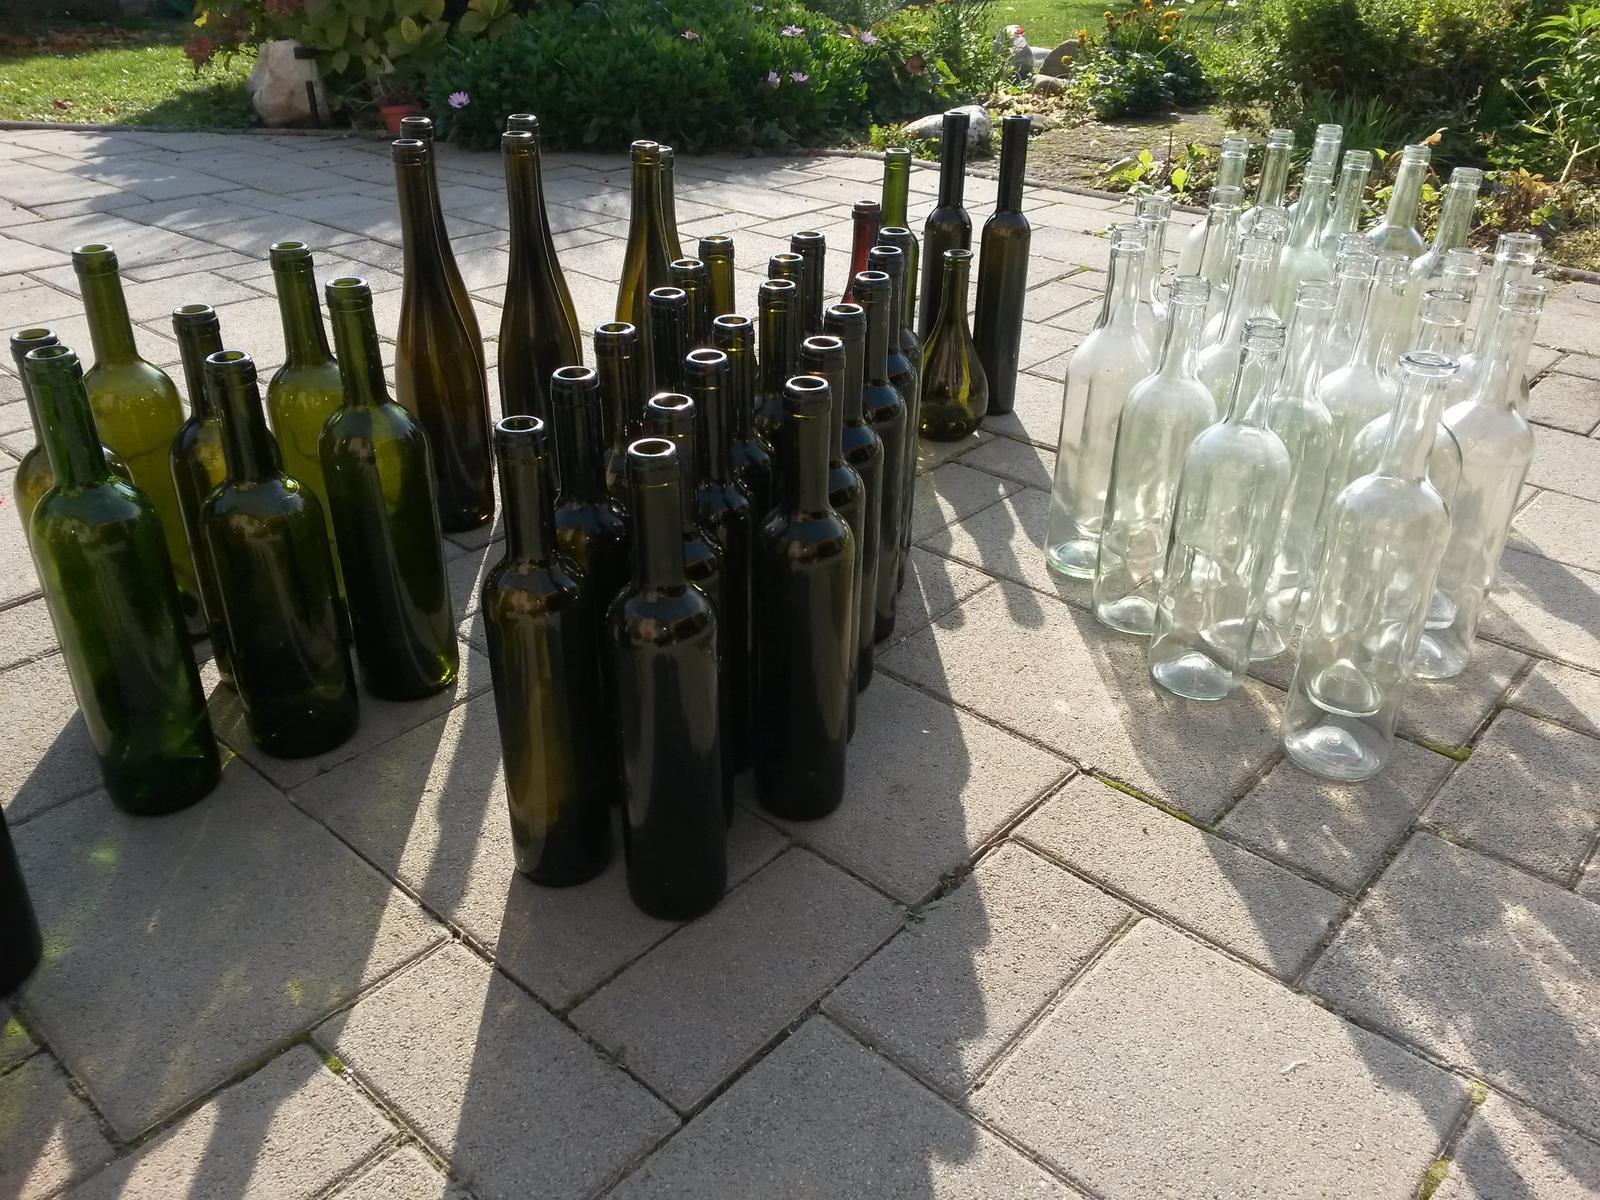 Fľaše sklenené - Obrázok č. 2